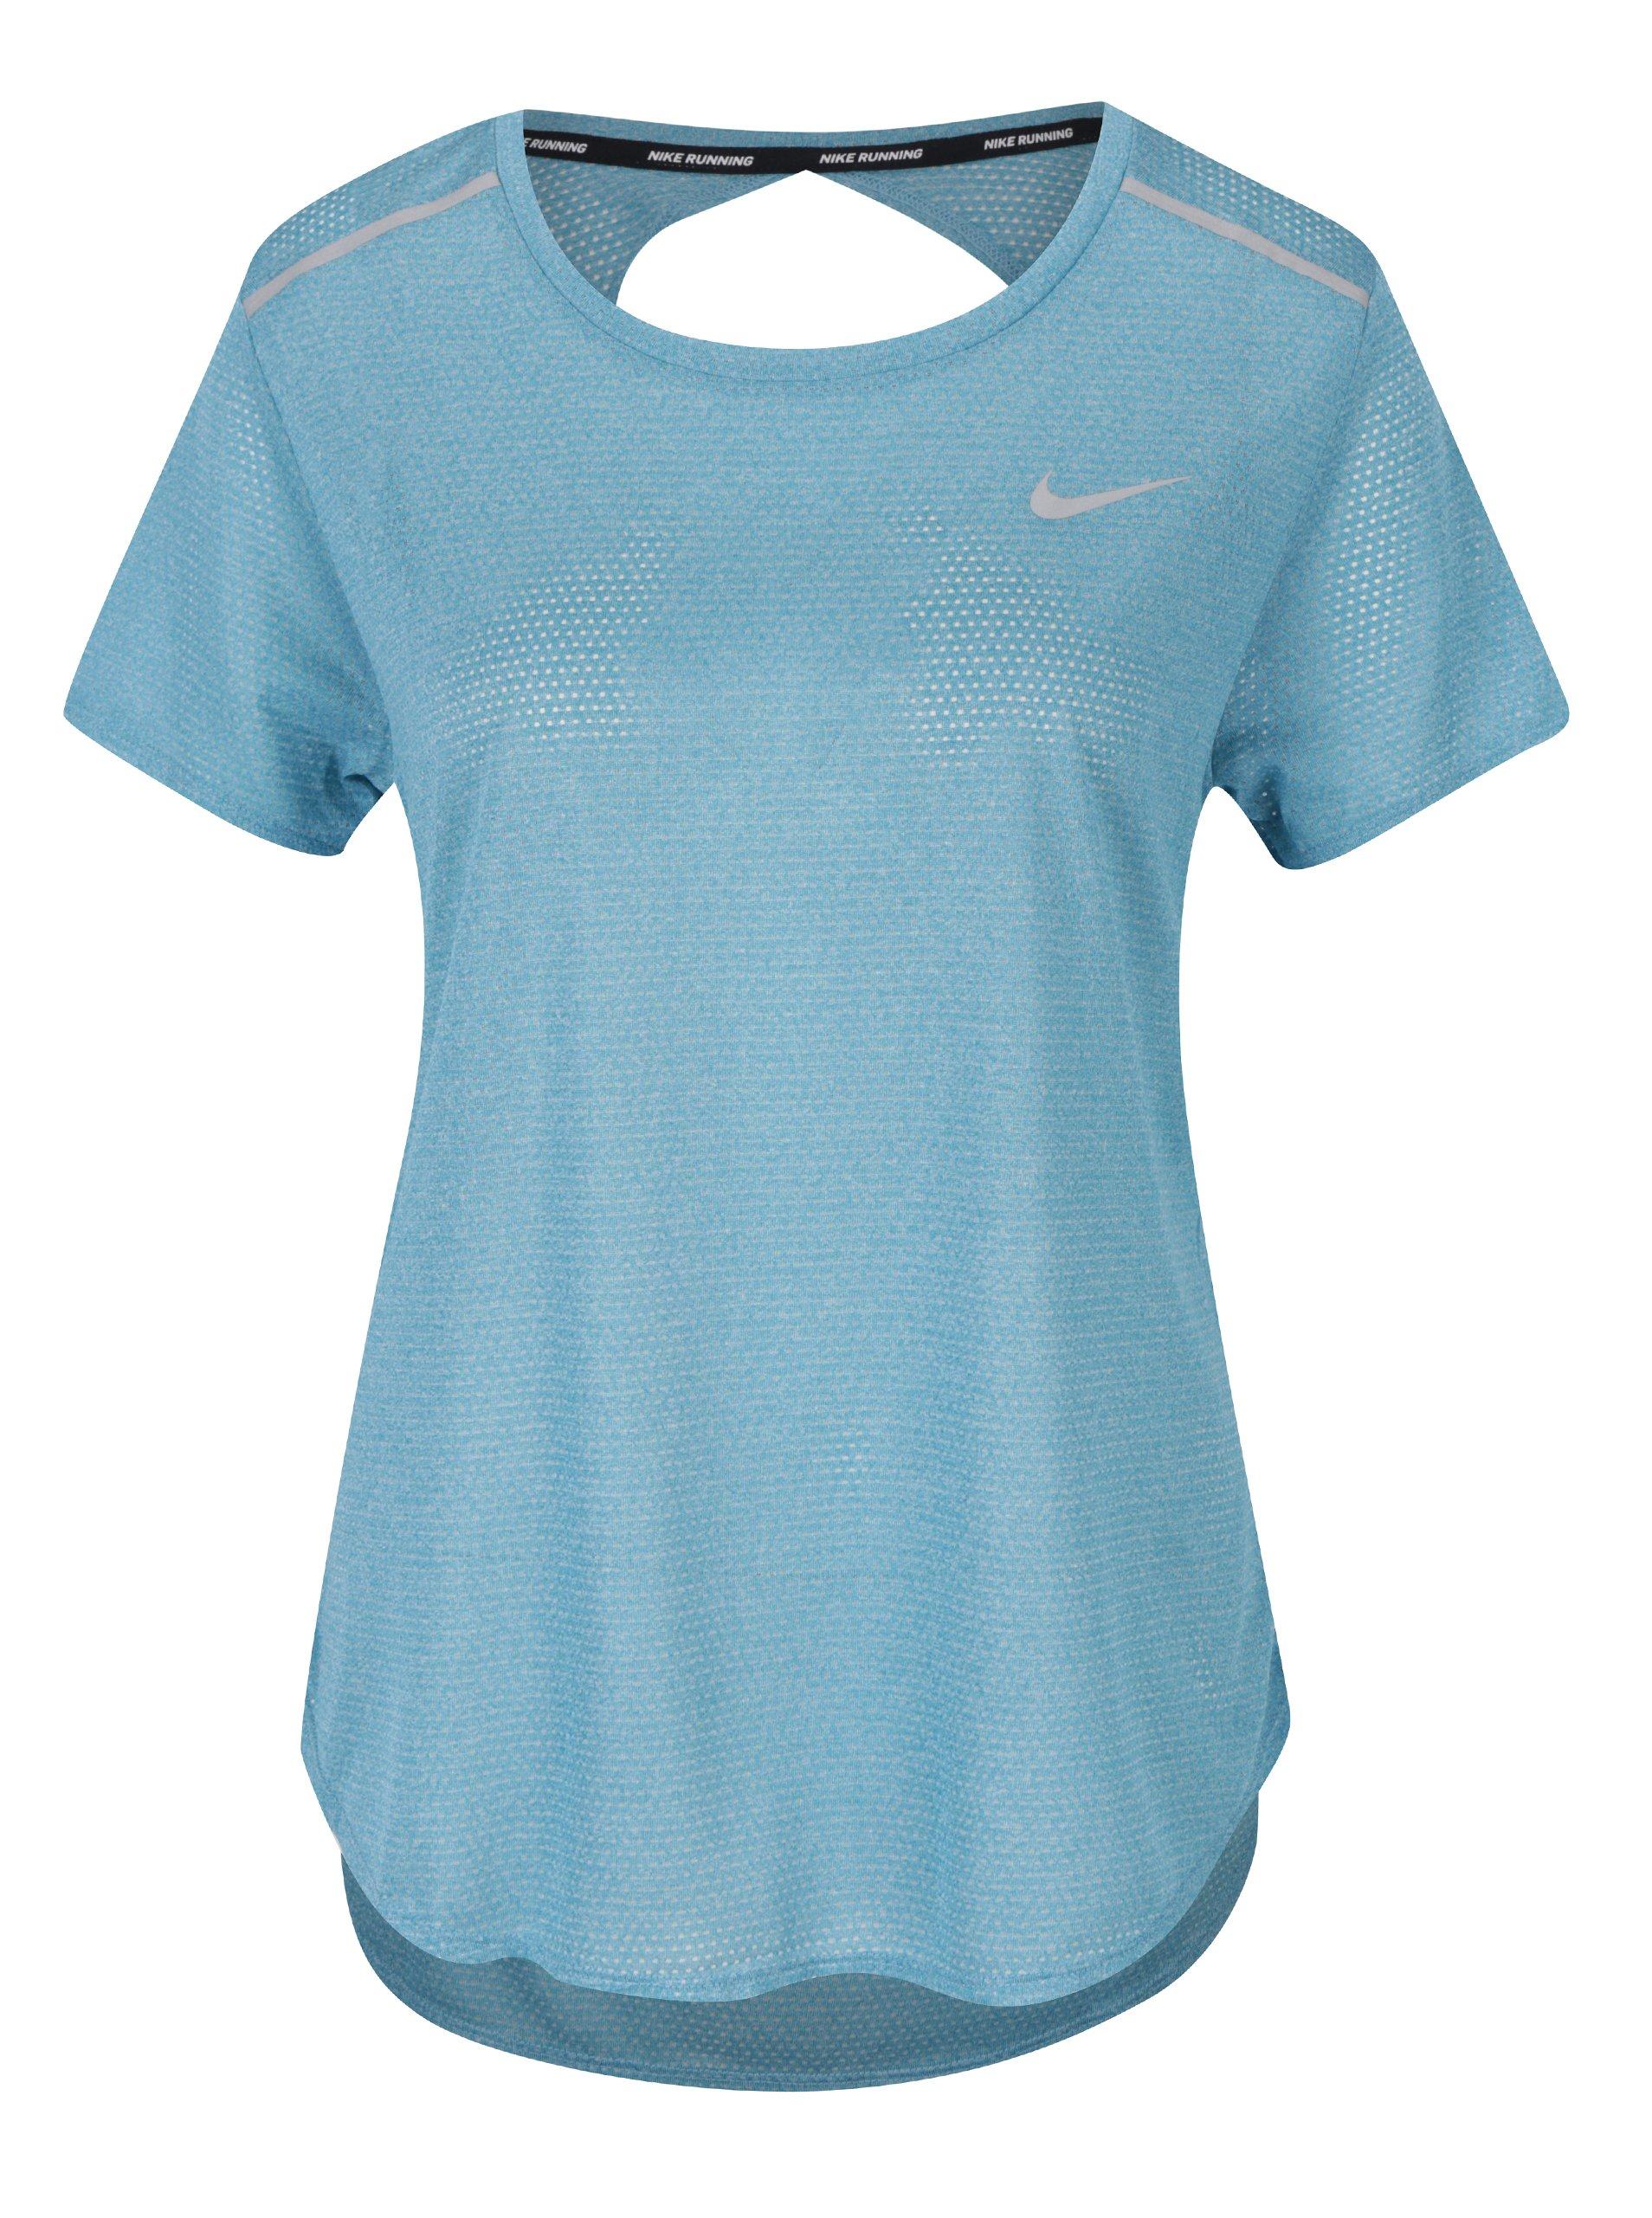 Tyrkysové dámské funkční tričko s průstřihem na zádech Nike